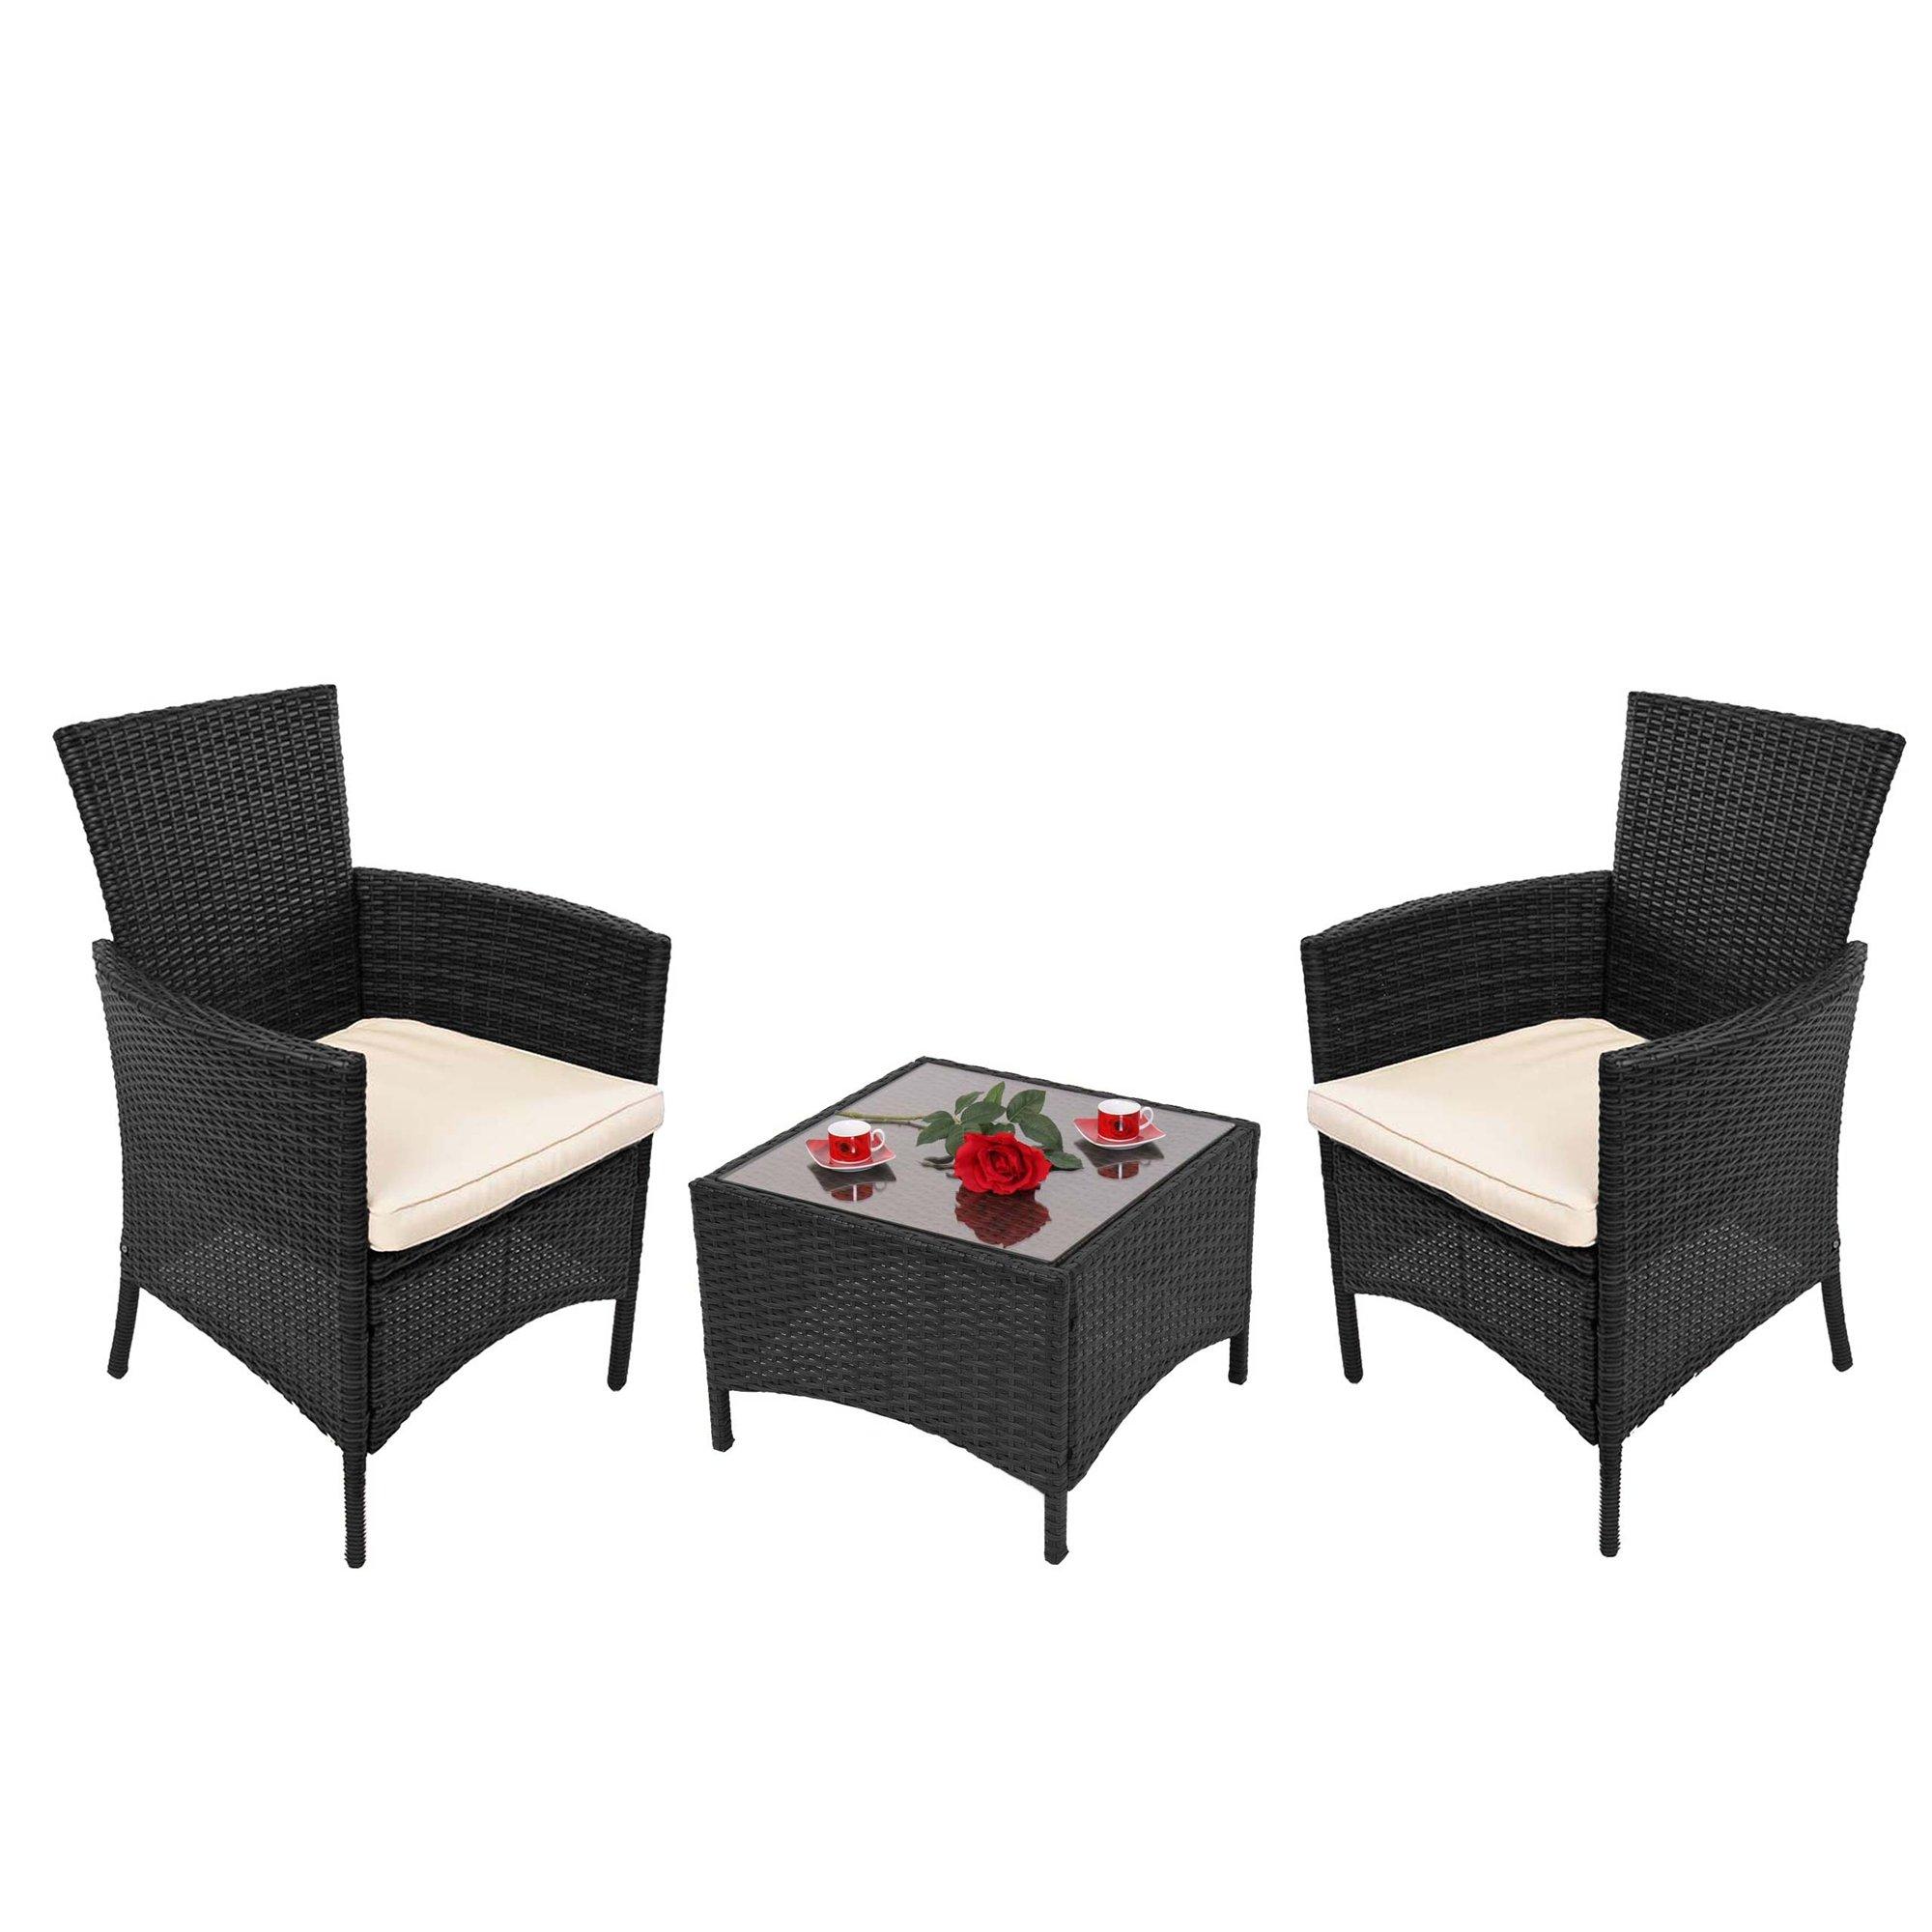 Lote 2 sillas de jard n mesa caf parma color negro for Ofertas sillas de jardin